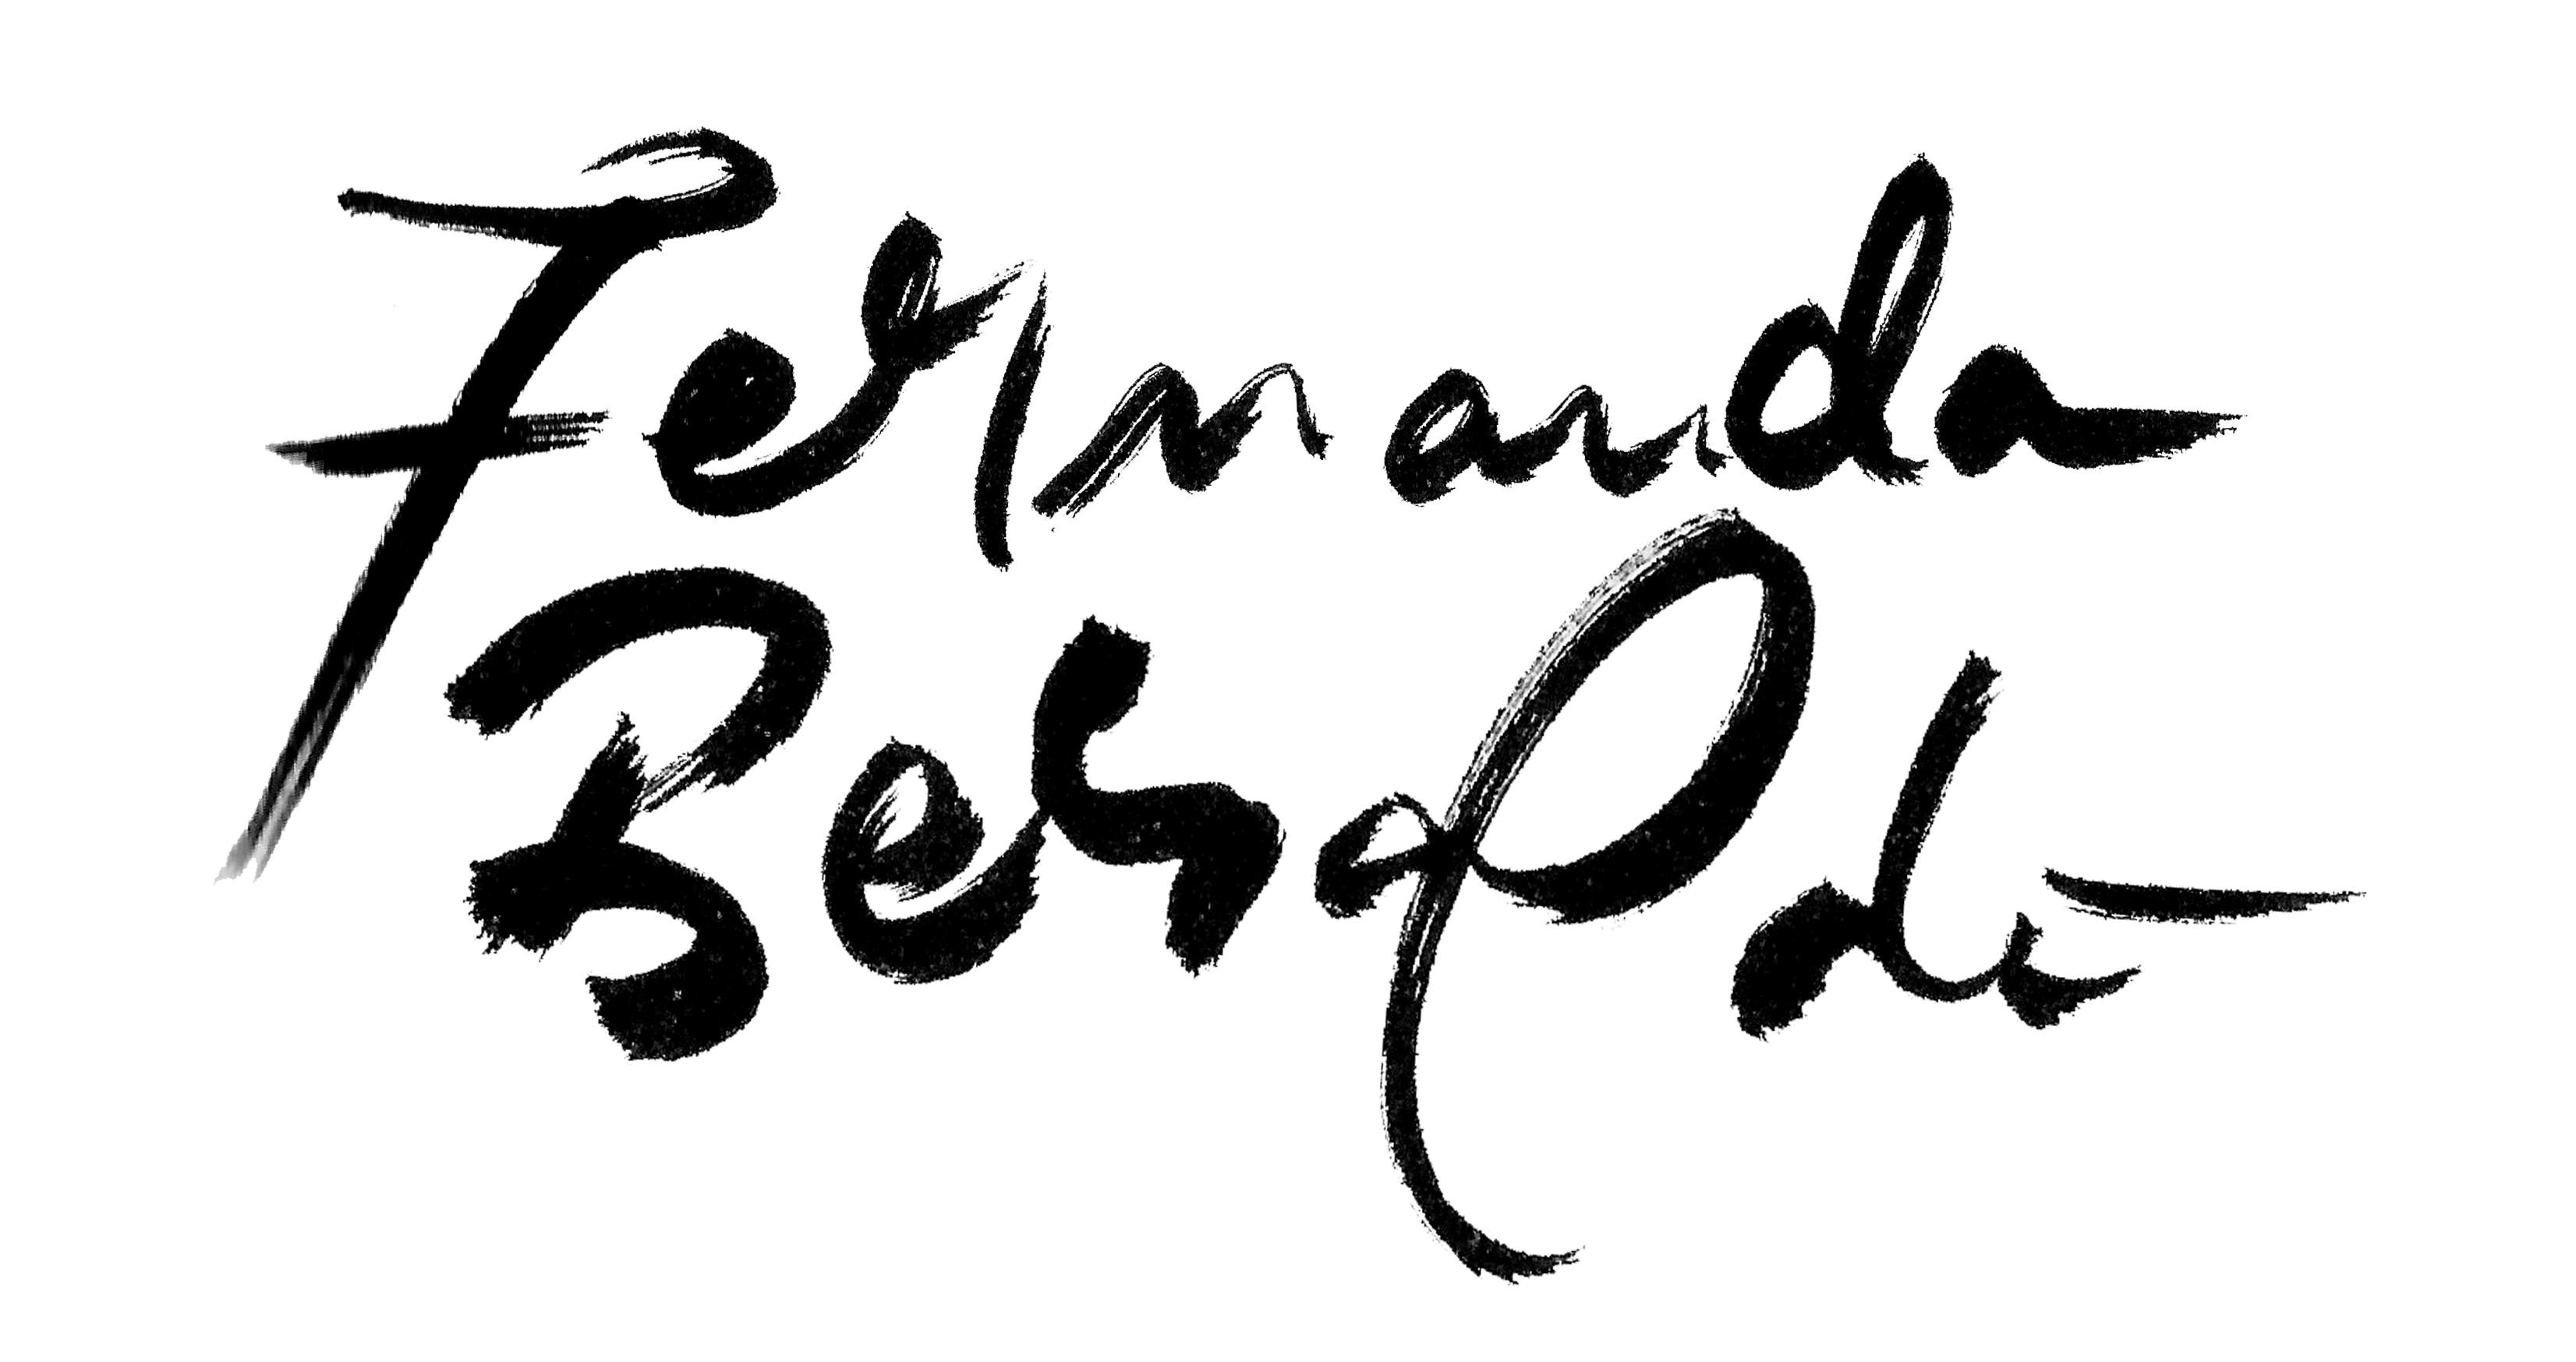 Fernanda Beraldo